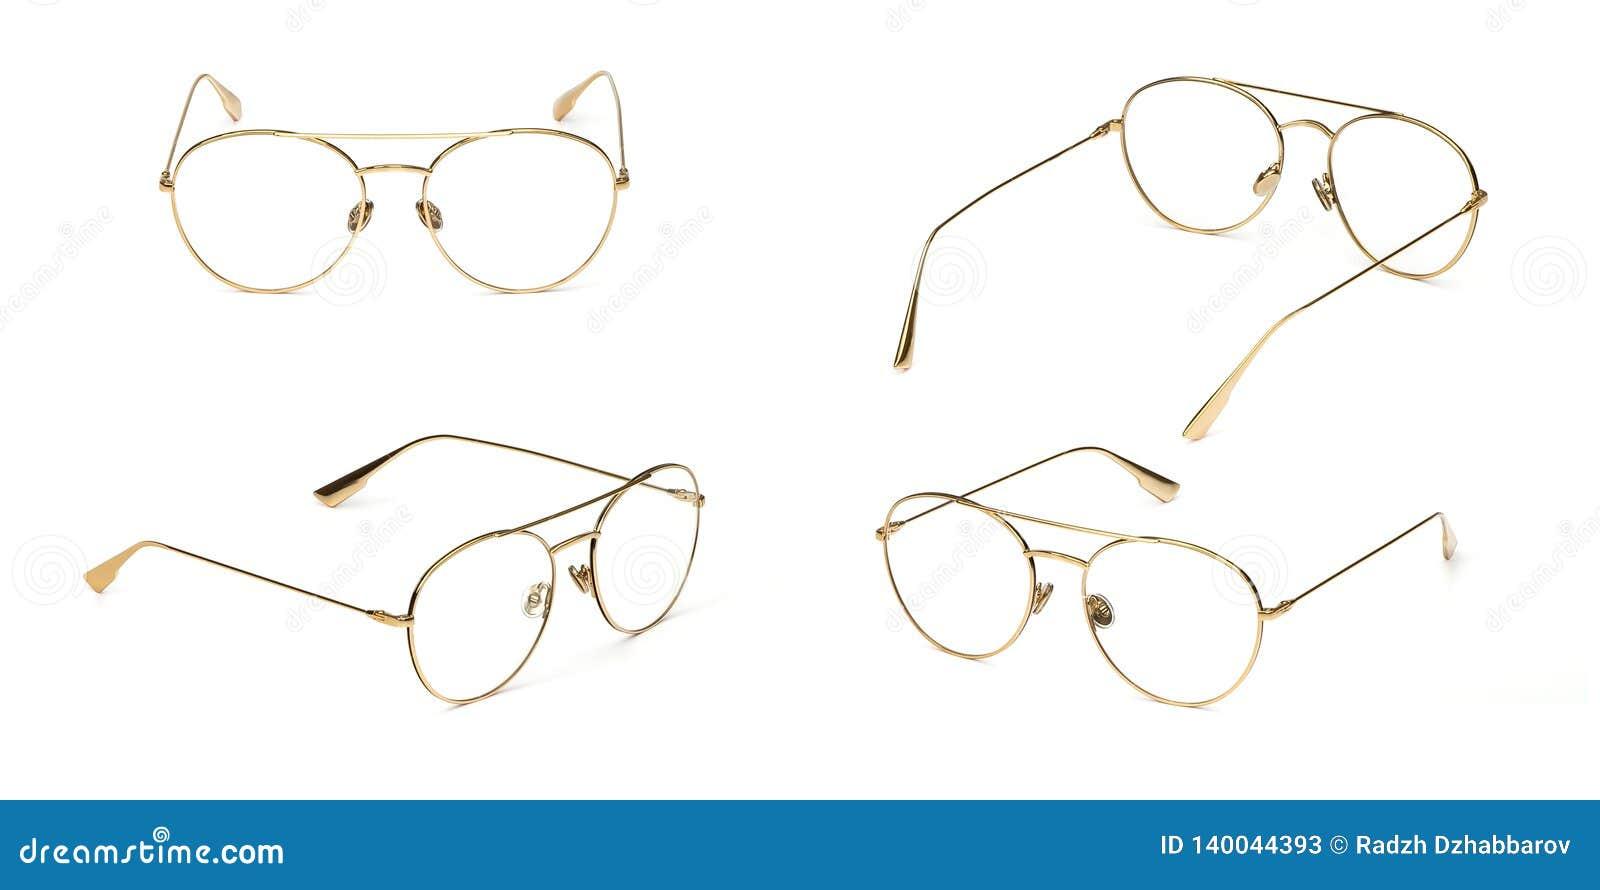 Transparente material del estilo del negocio de los vidrios del metal determinado del oro aislado en el fondo blanco Vidrios del